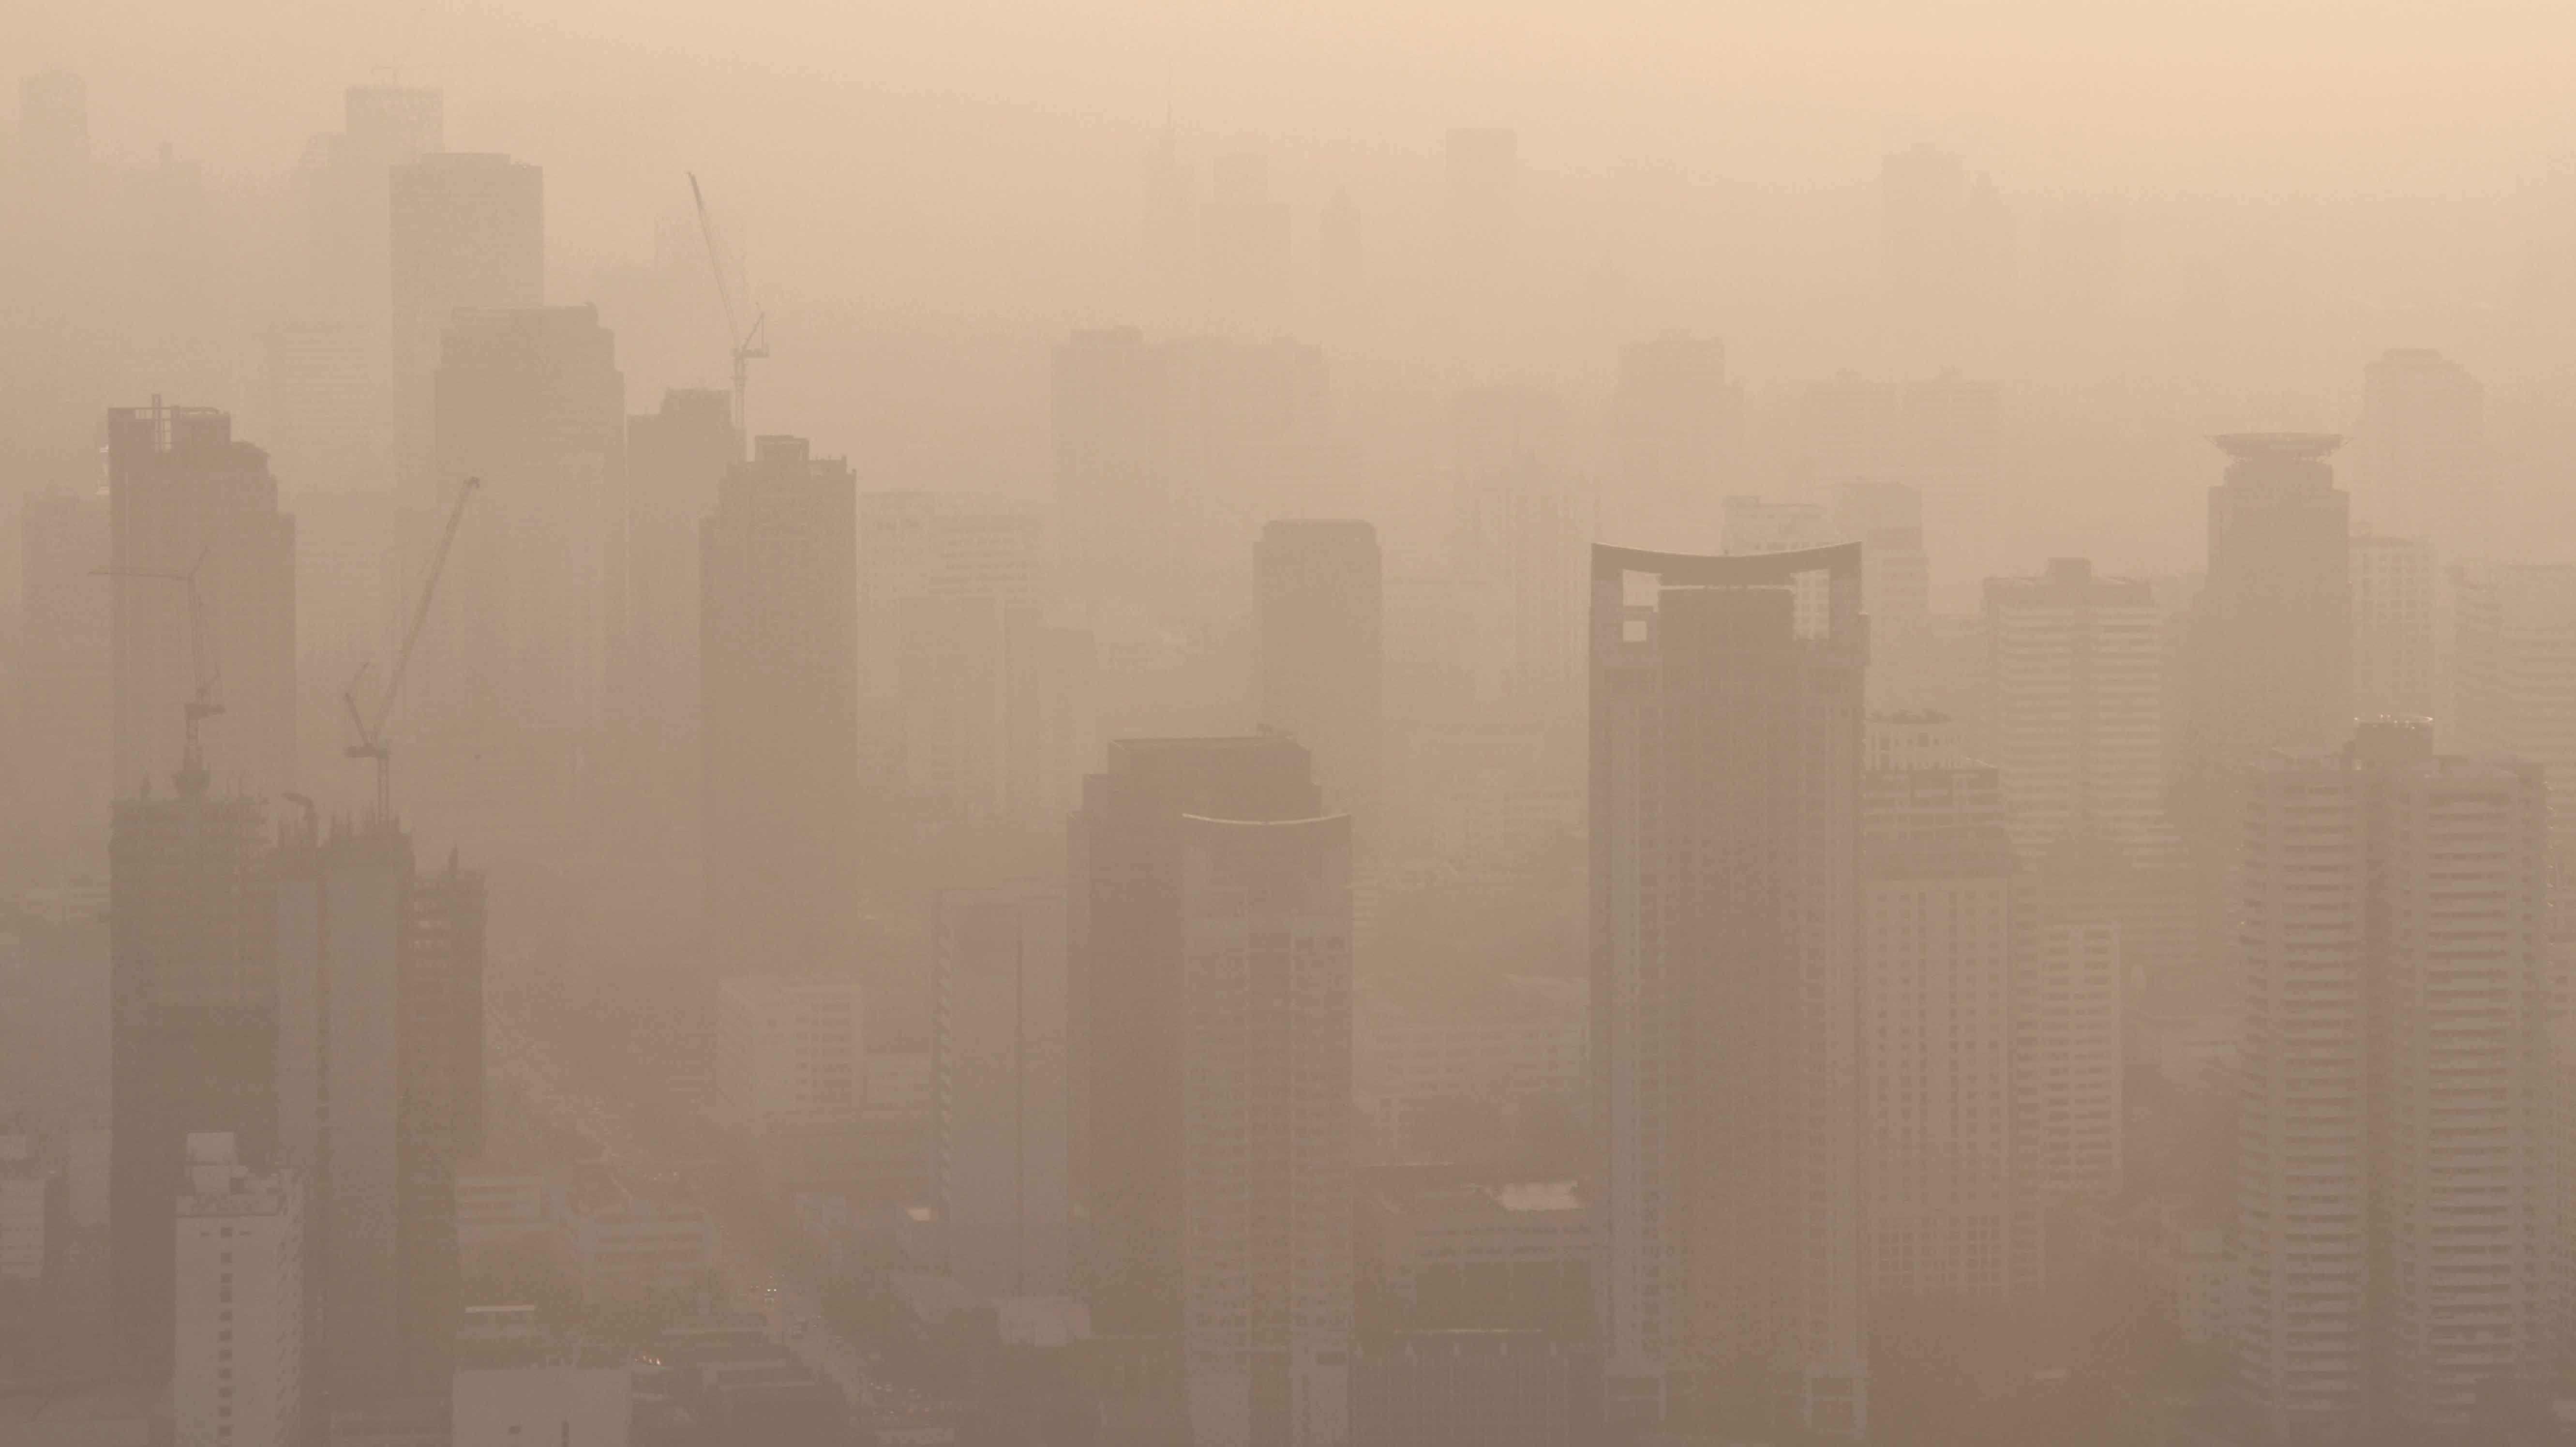 ฝุ่น ควัน มลพิษทางอากาศ